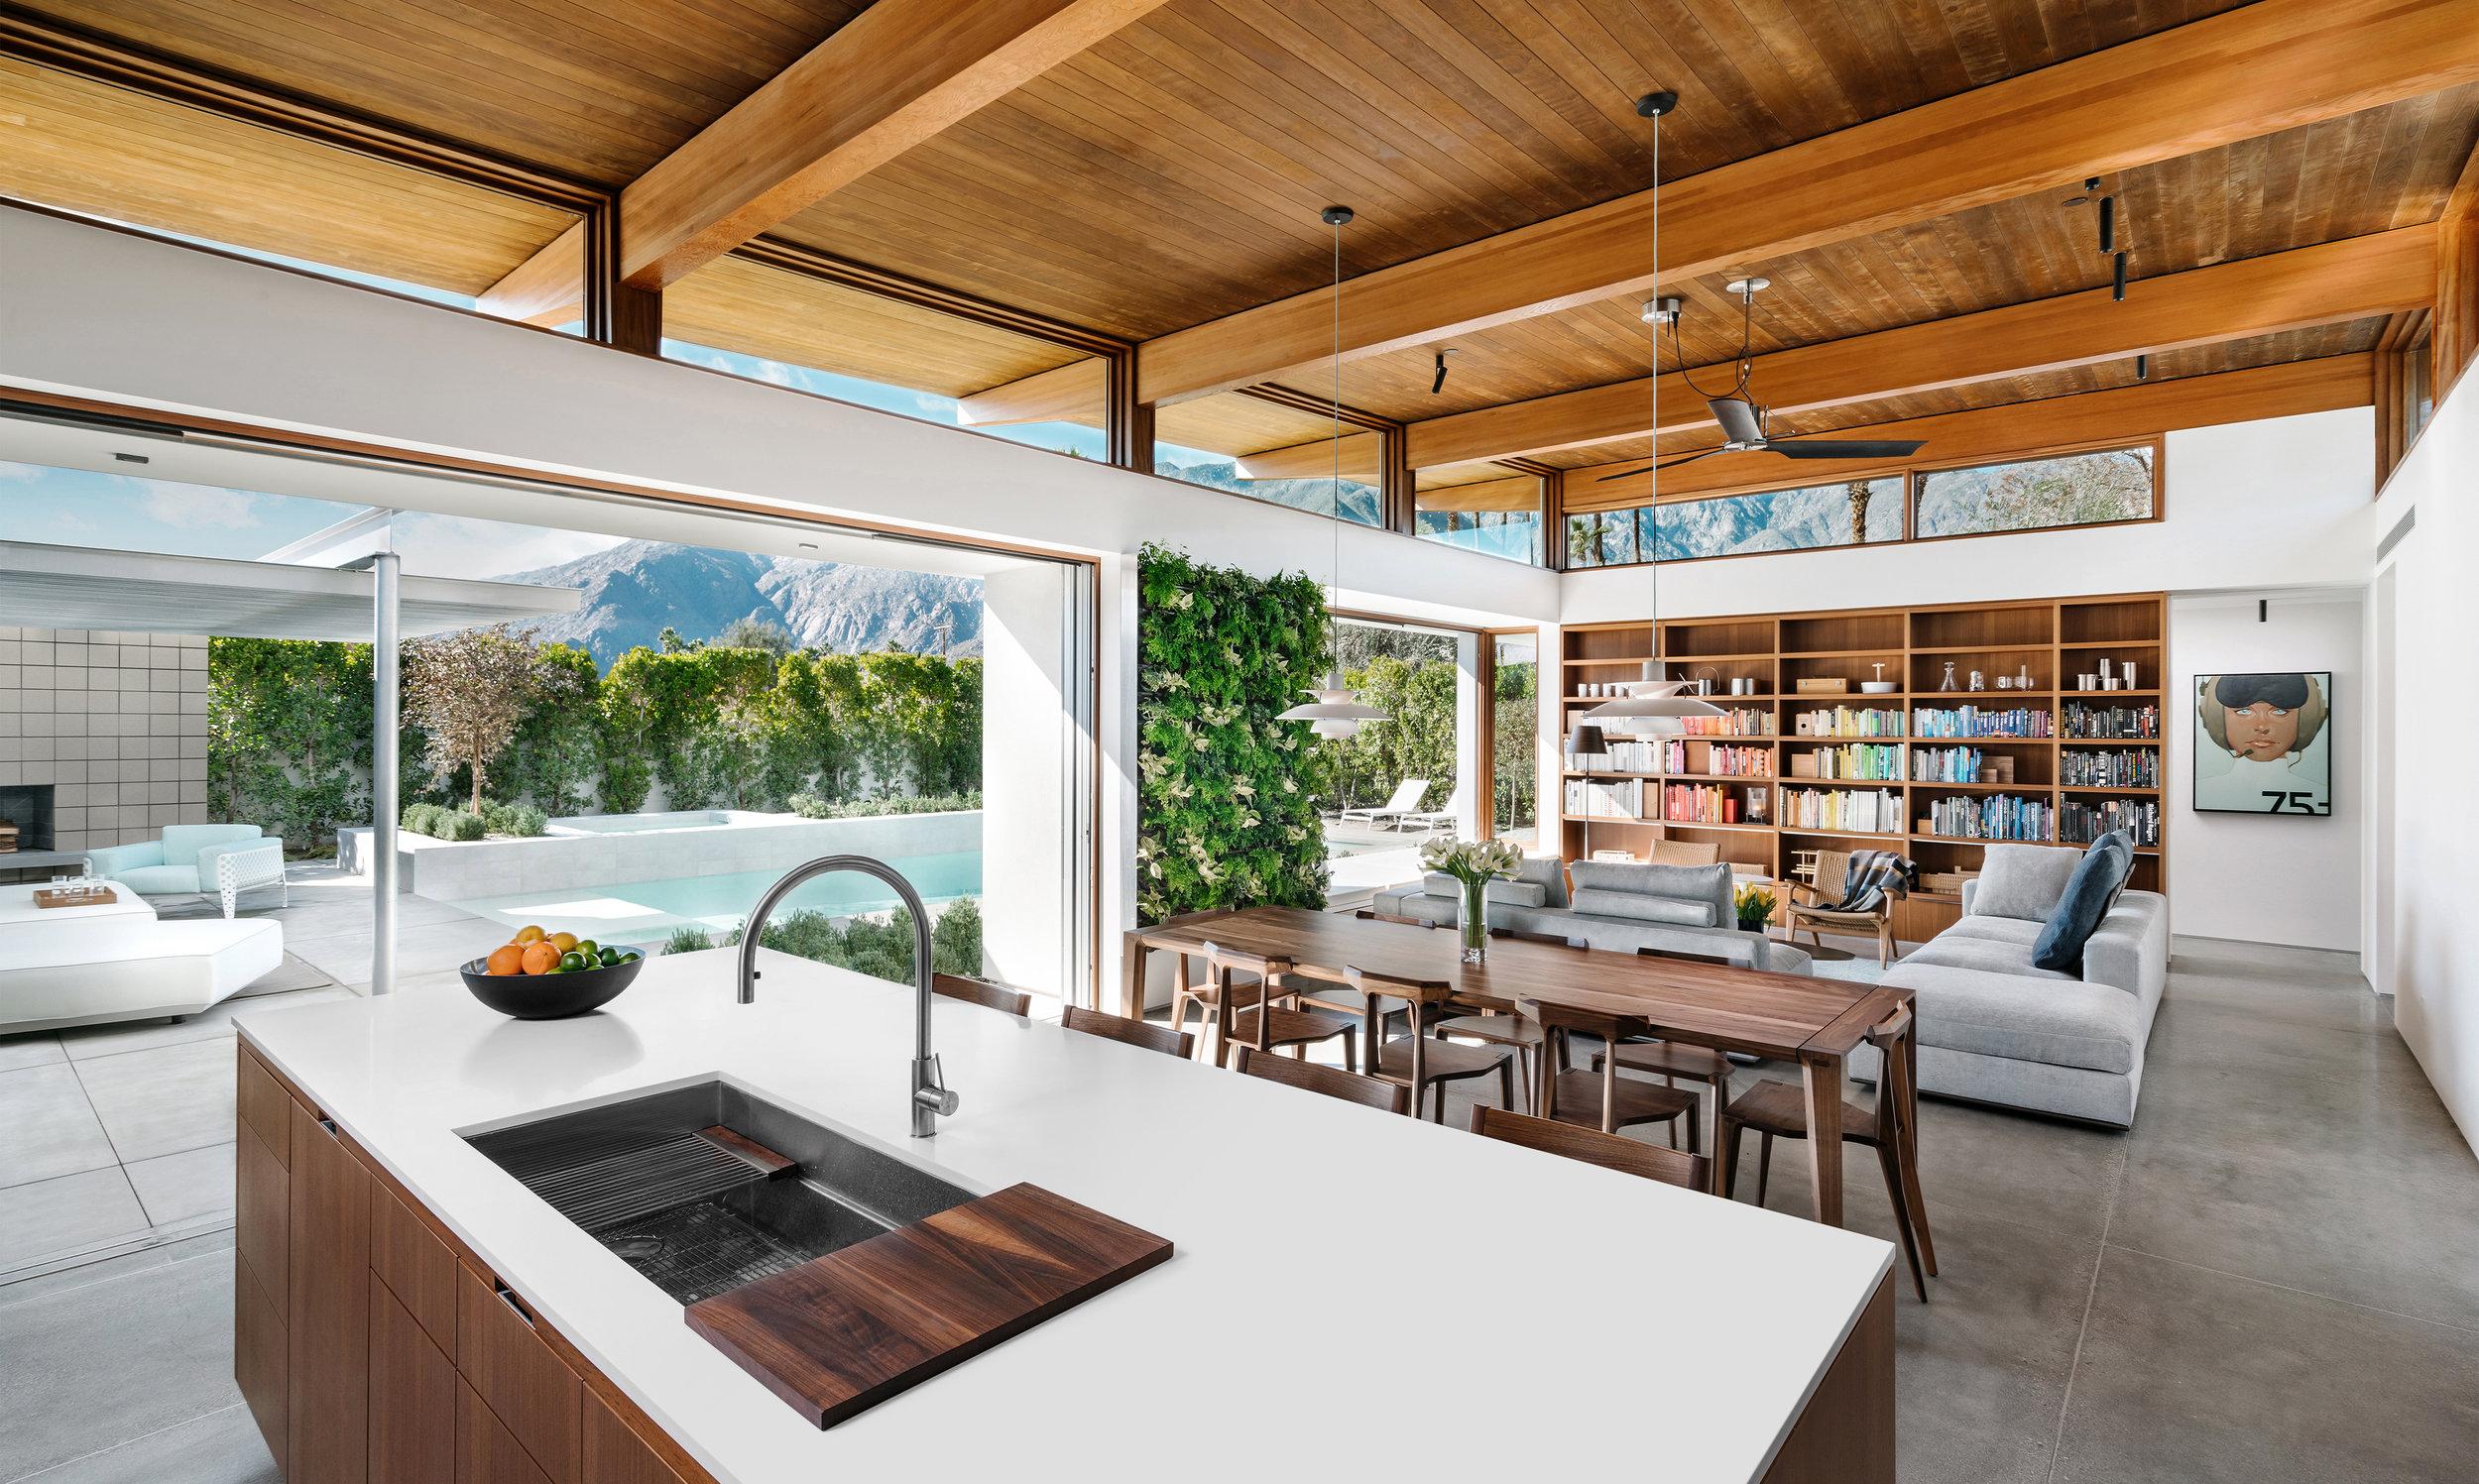 desert small homes, desert modern homes, desert dome homes, desert pool homes, desert sustainable homes, on energy efficient desert home design